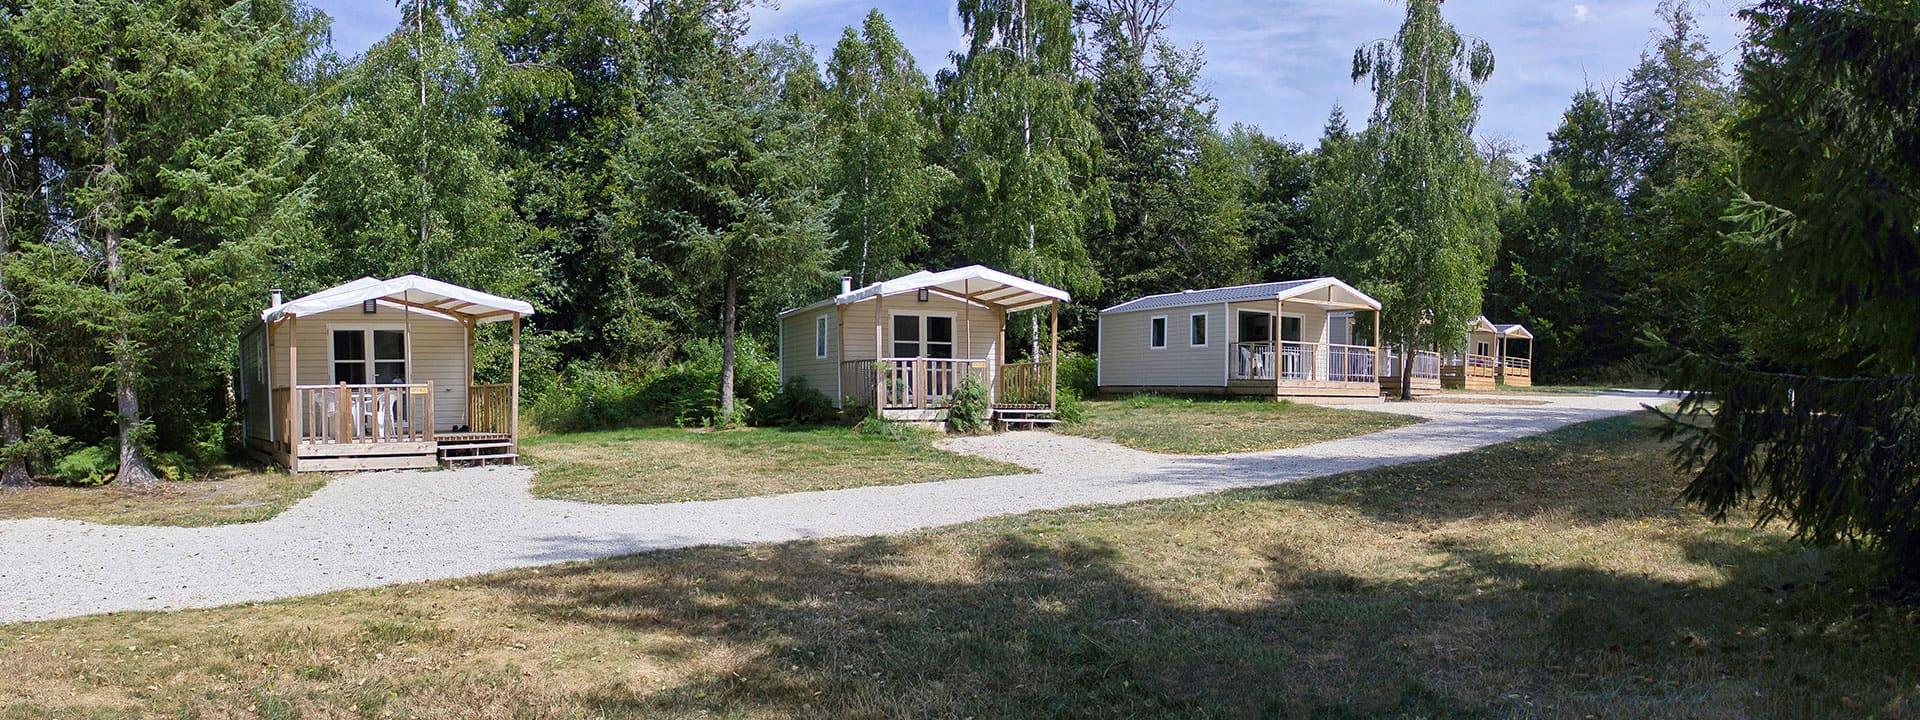 Campsite A31 Between Vittel And Contrexeville, Campsite Porte Des Vosges